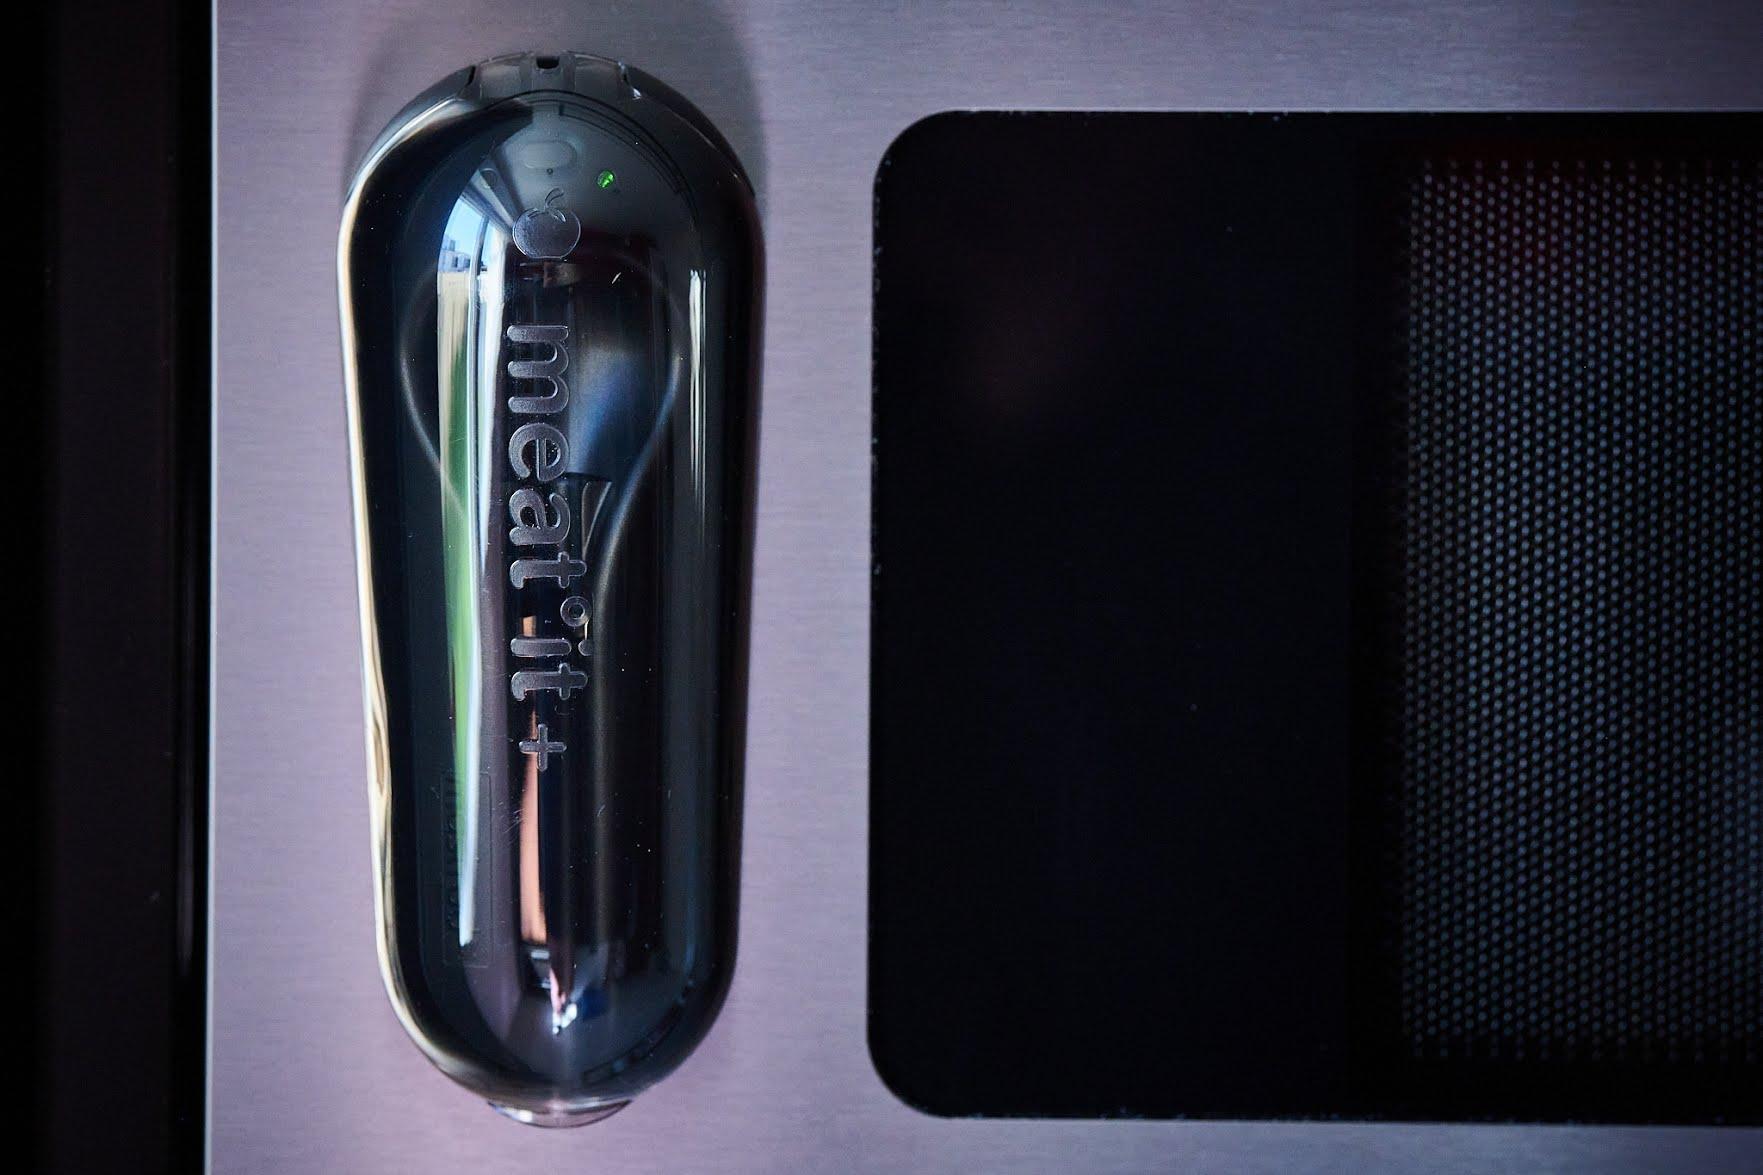 Sonde Meat°it + : thermomètre connecté pour une cuisson au degré près